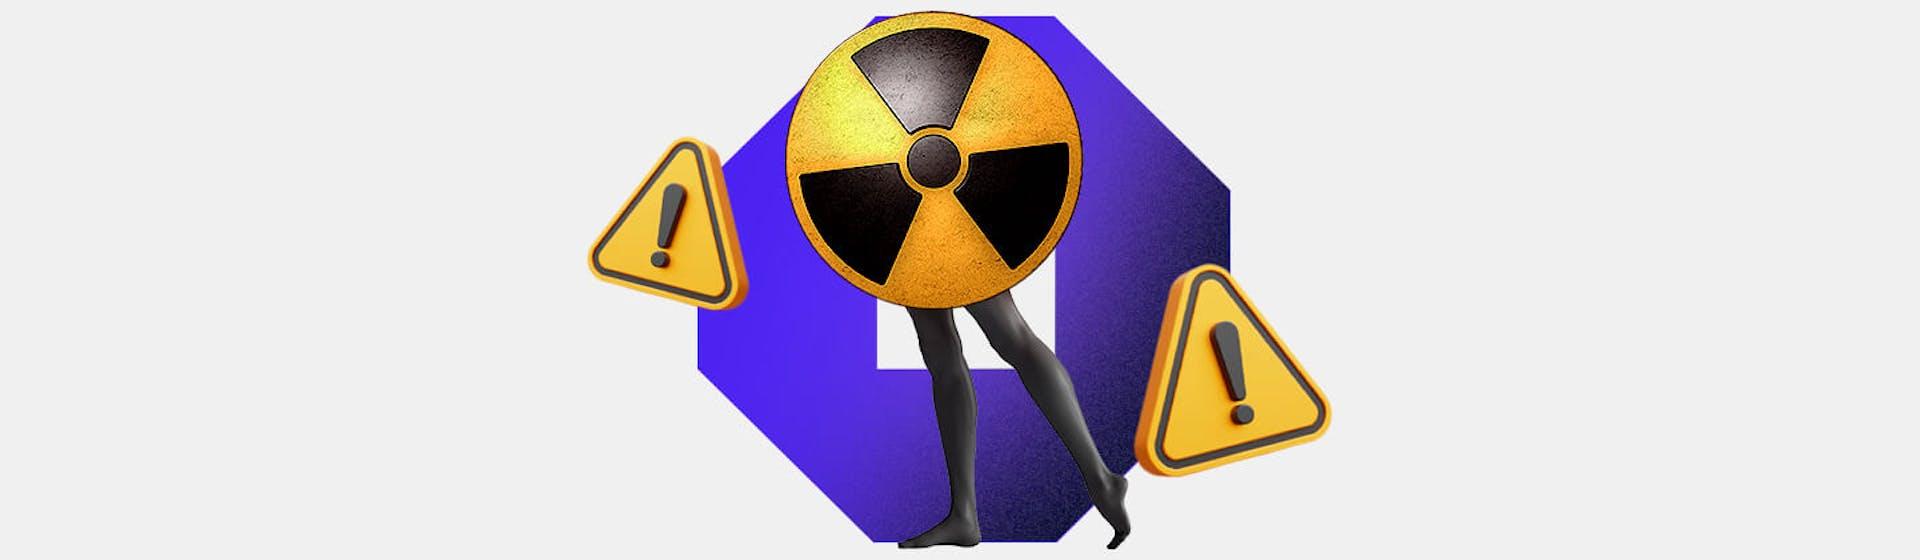 Personas tóxicas: Descubre cómo distinguirlas ¡y aleja esas malas energías!